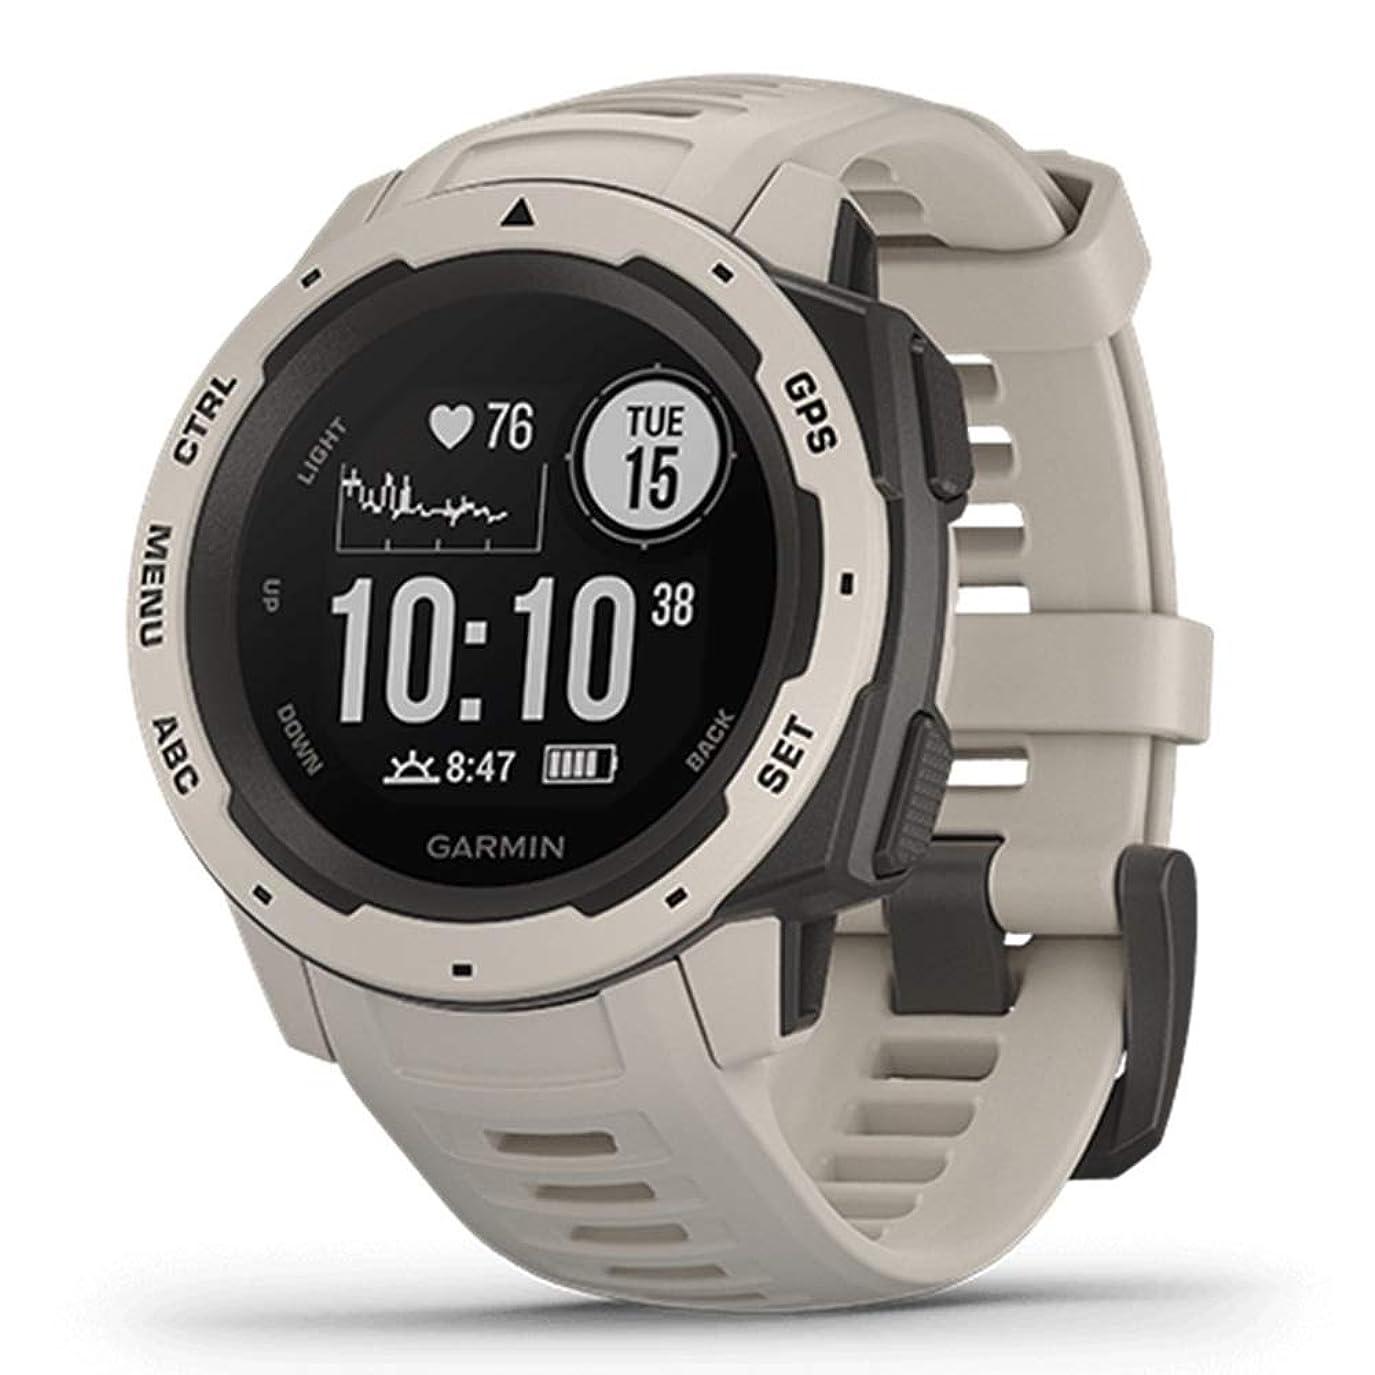 スクランブル宿命まだ[ガーミン]GAMIN メンズ レディース GPSアウトドアウォッチ Instinct インスティンクト スマートウォッチ スポーツ Instinct Tundra 腕時計 [国内正規品]